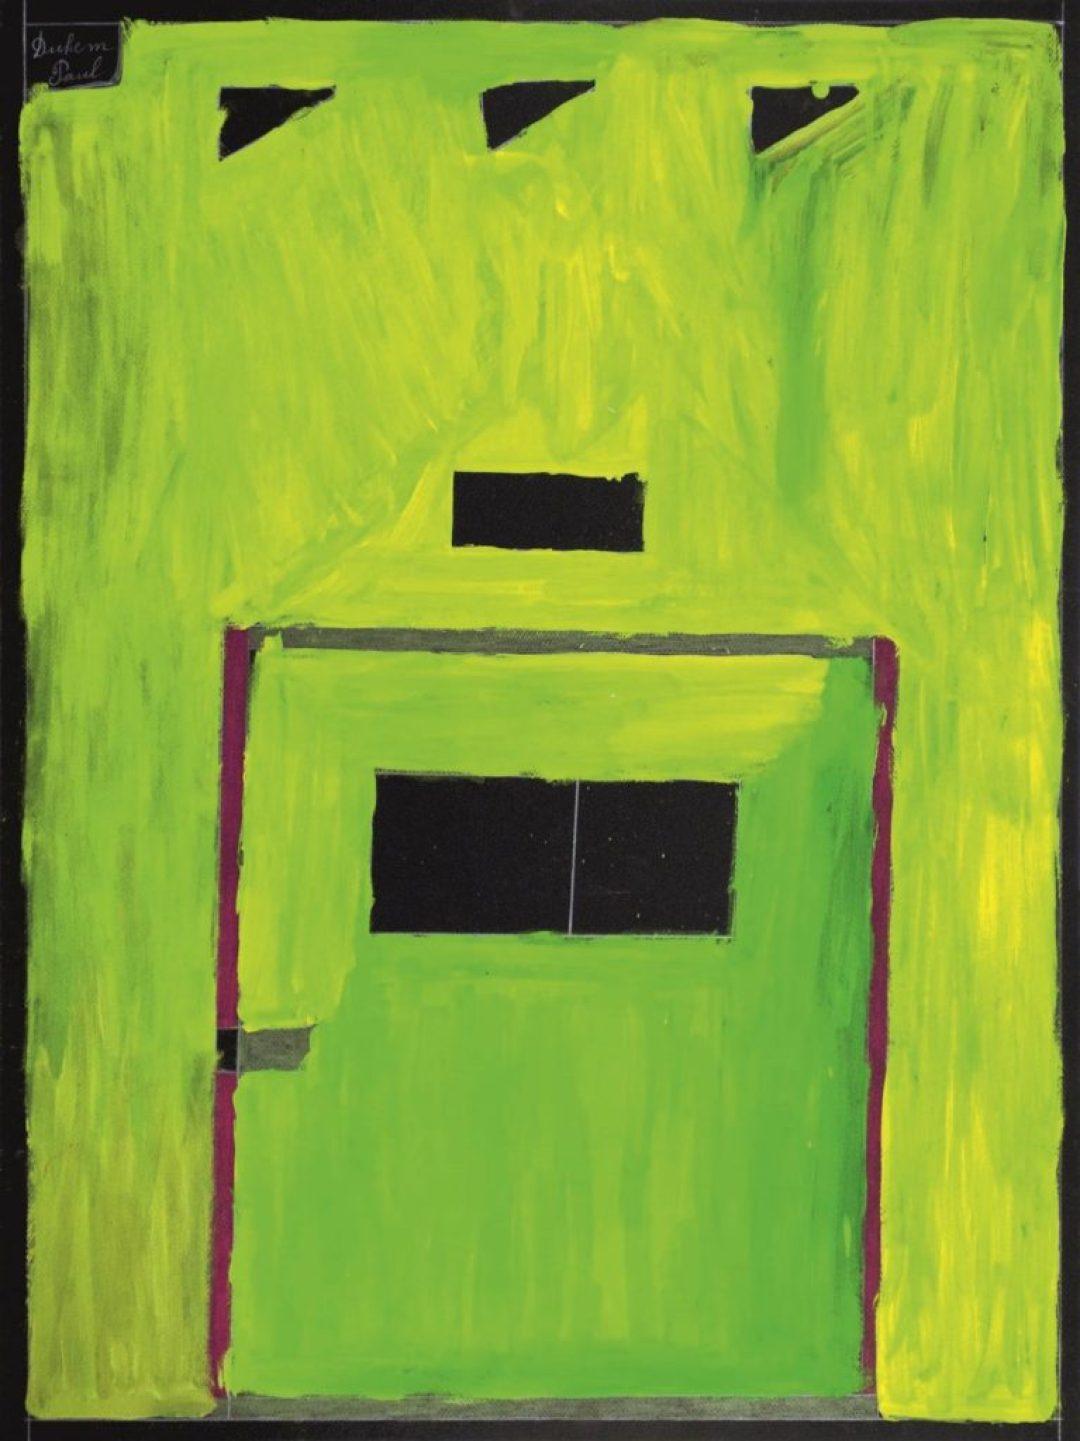 Paul Duhem, sans titre, 1997, crayon blanc, pastel gras et peinture à l'huile sur papier, 65 x 50 cm